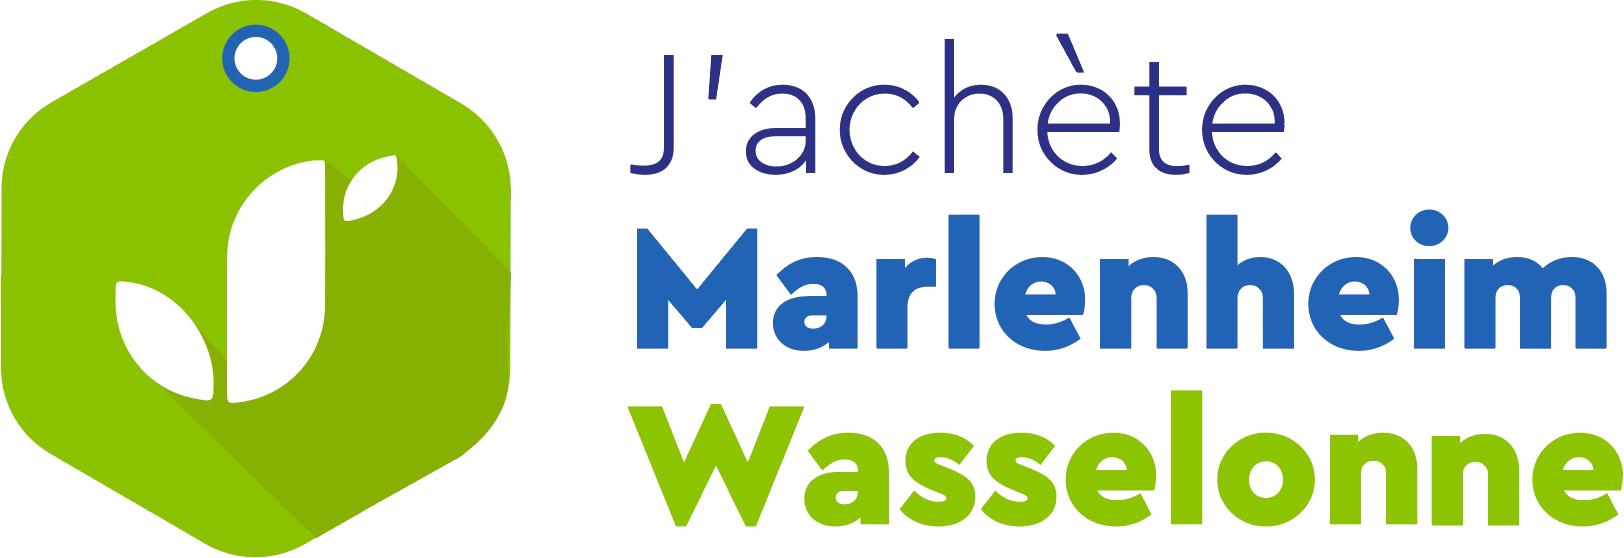 J'achète Marlenheim Wasselonne